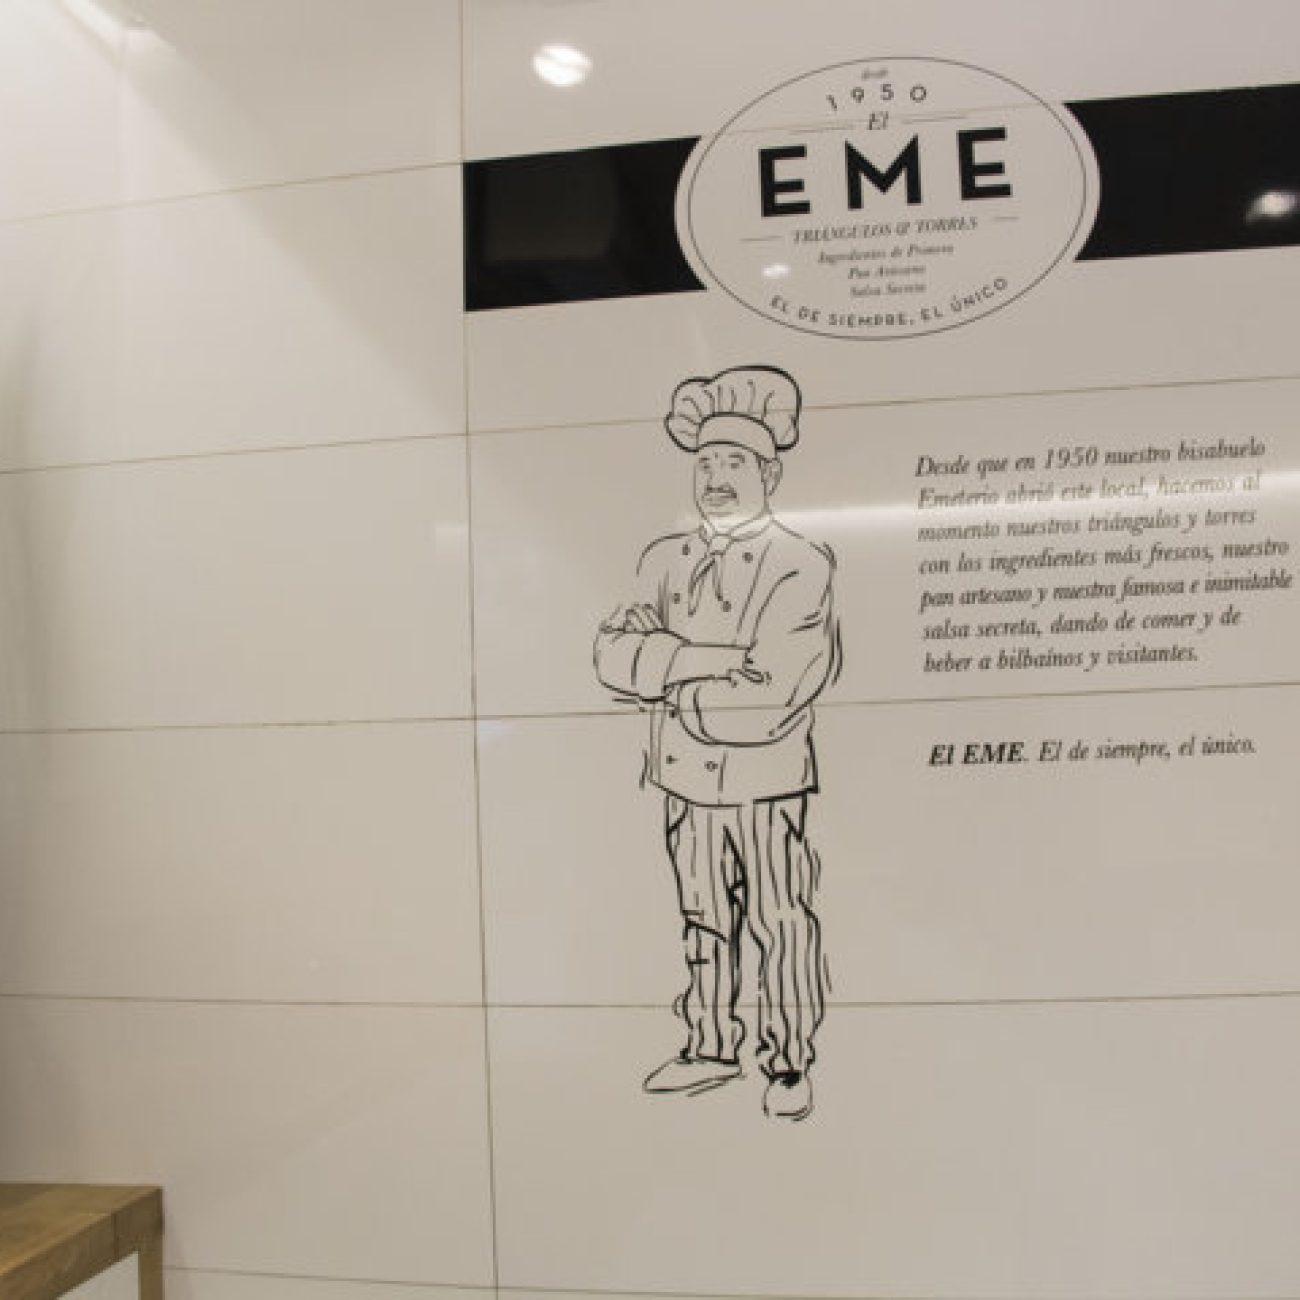 BAR RESTAURANTE EME